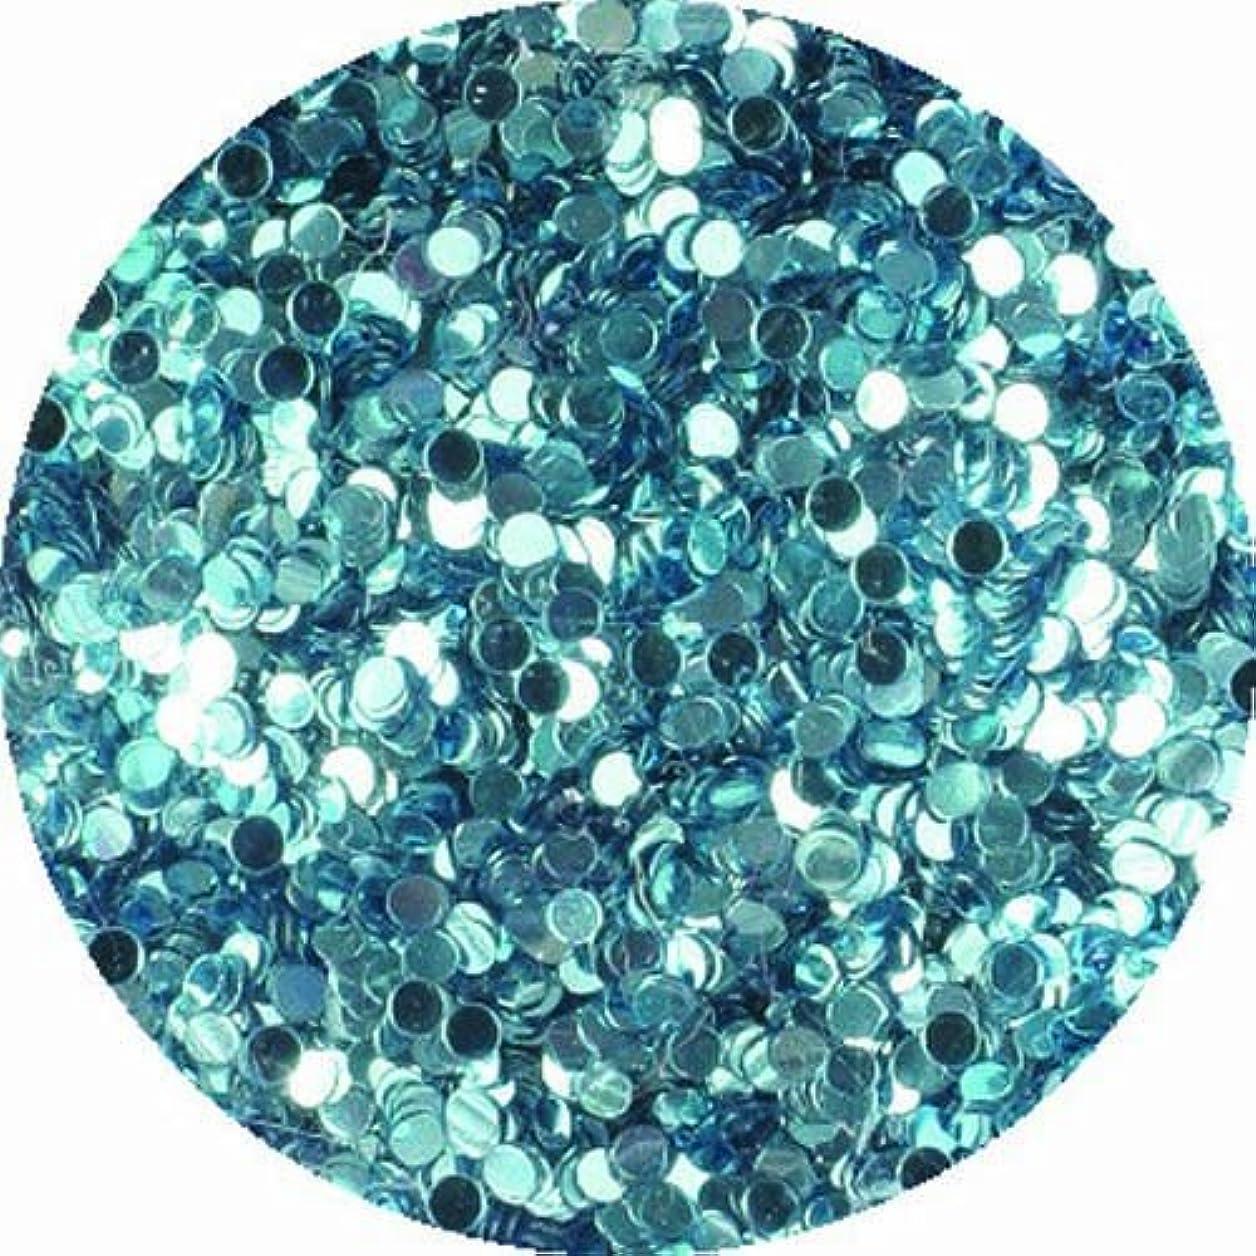 項目原始的な離婚ビューティーネイラー ネイル用パウダー 黒崎えり子 ジュエリーコレクション ライトブルー丸1mm